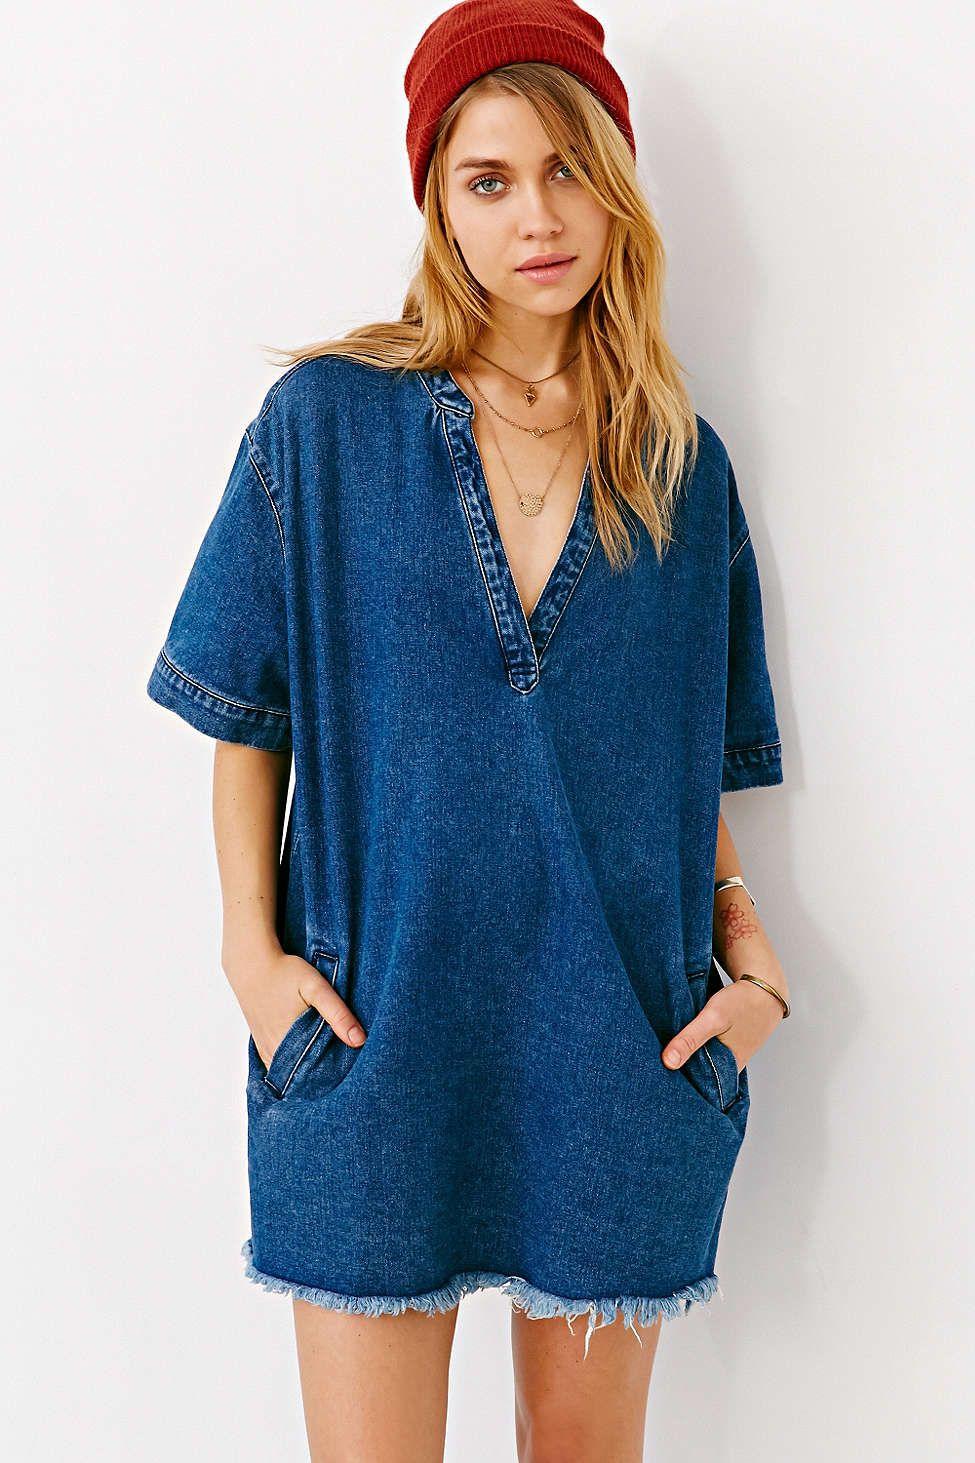 f93f7220972 Urban Outfitters Denim Shirt Dress - raveitsafe